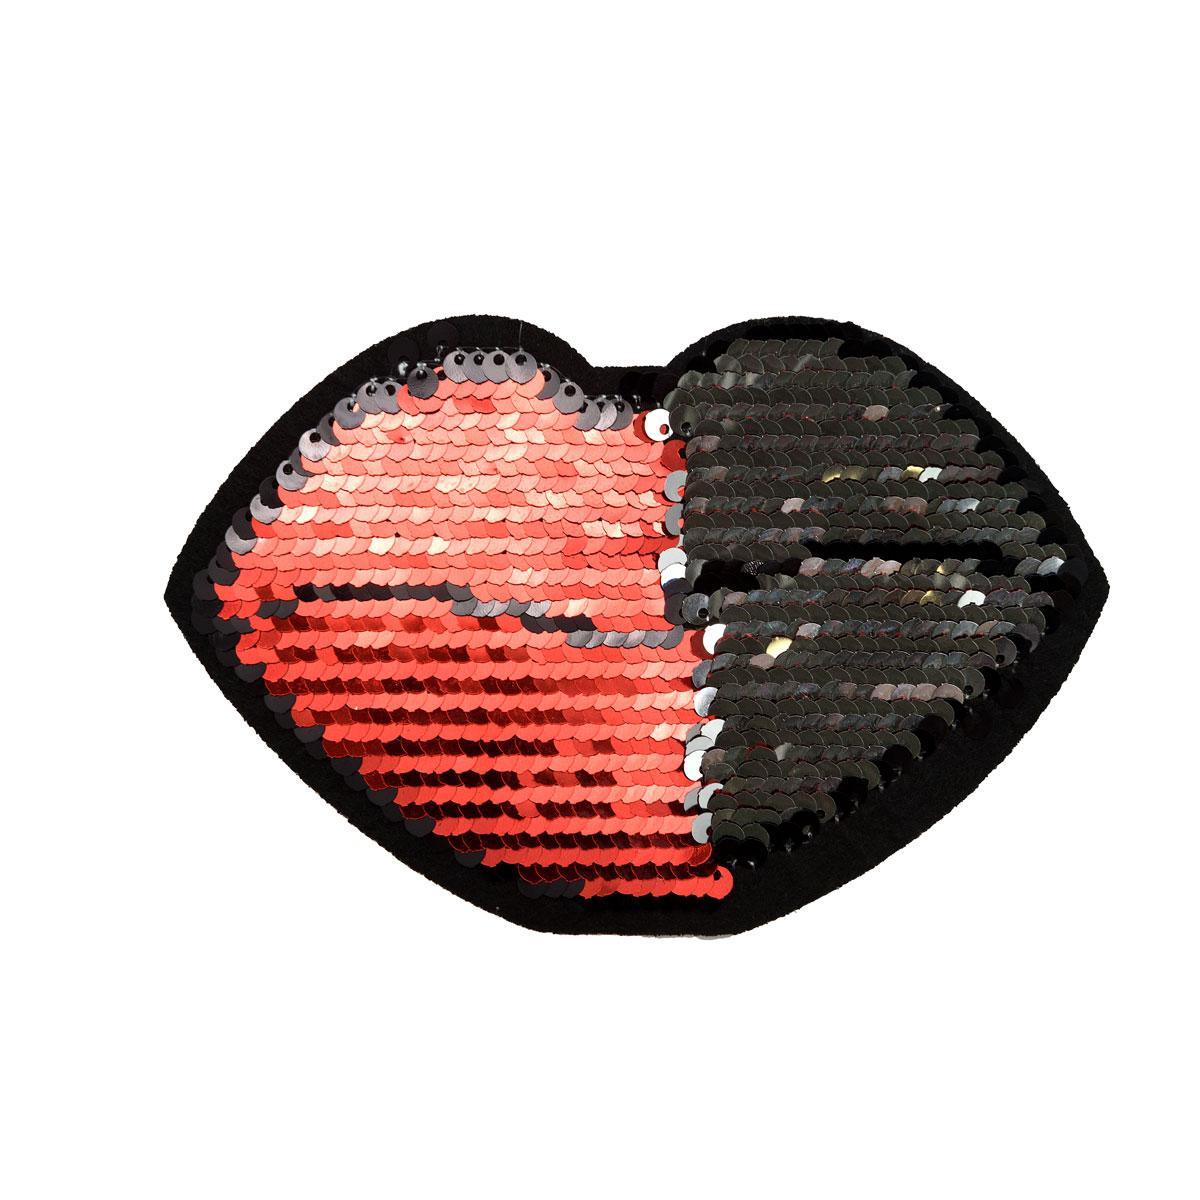 ГФ2466 Термоаппликация Губы 90*140мм, черный+красный